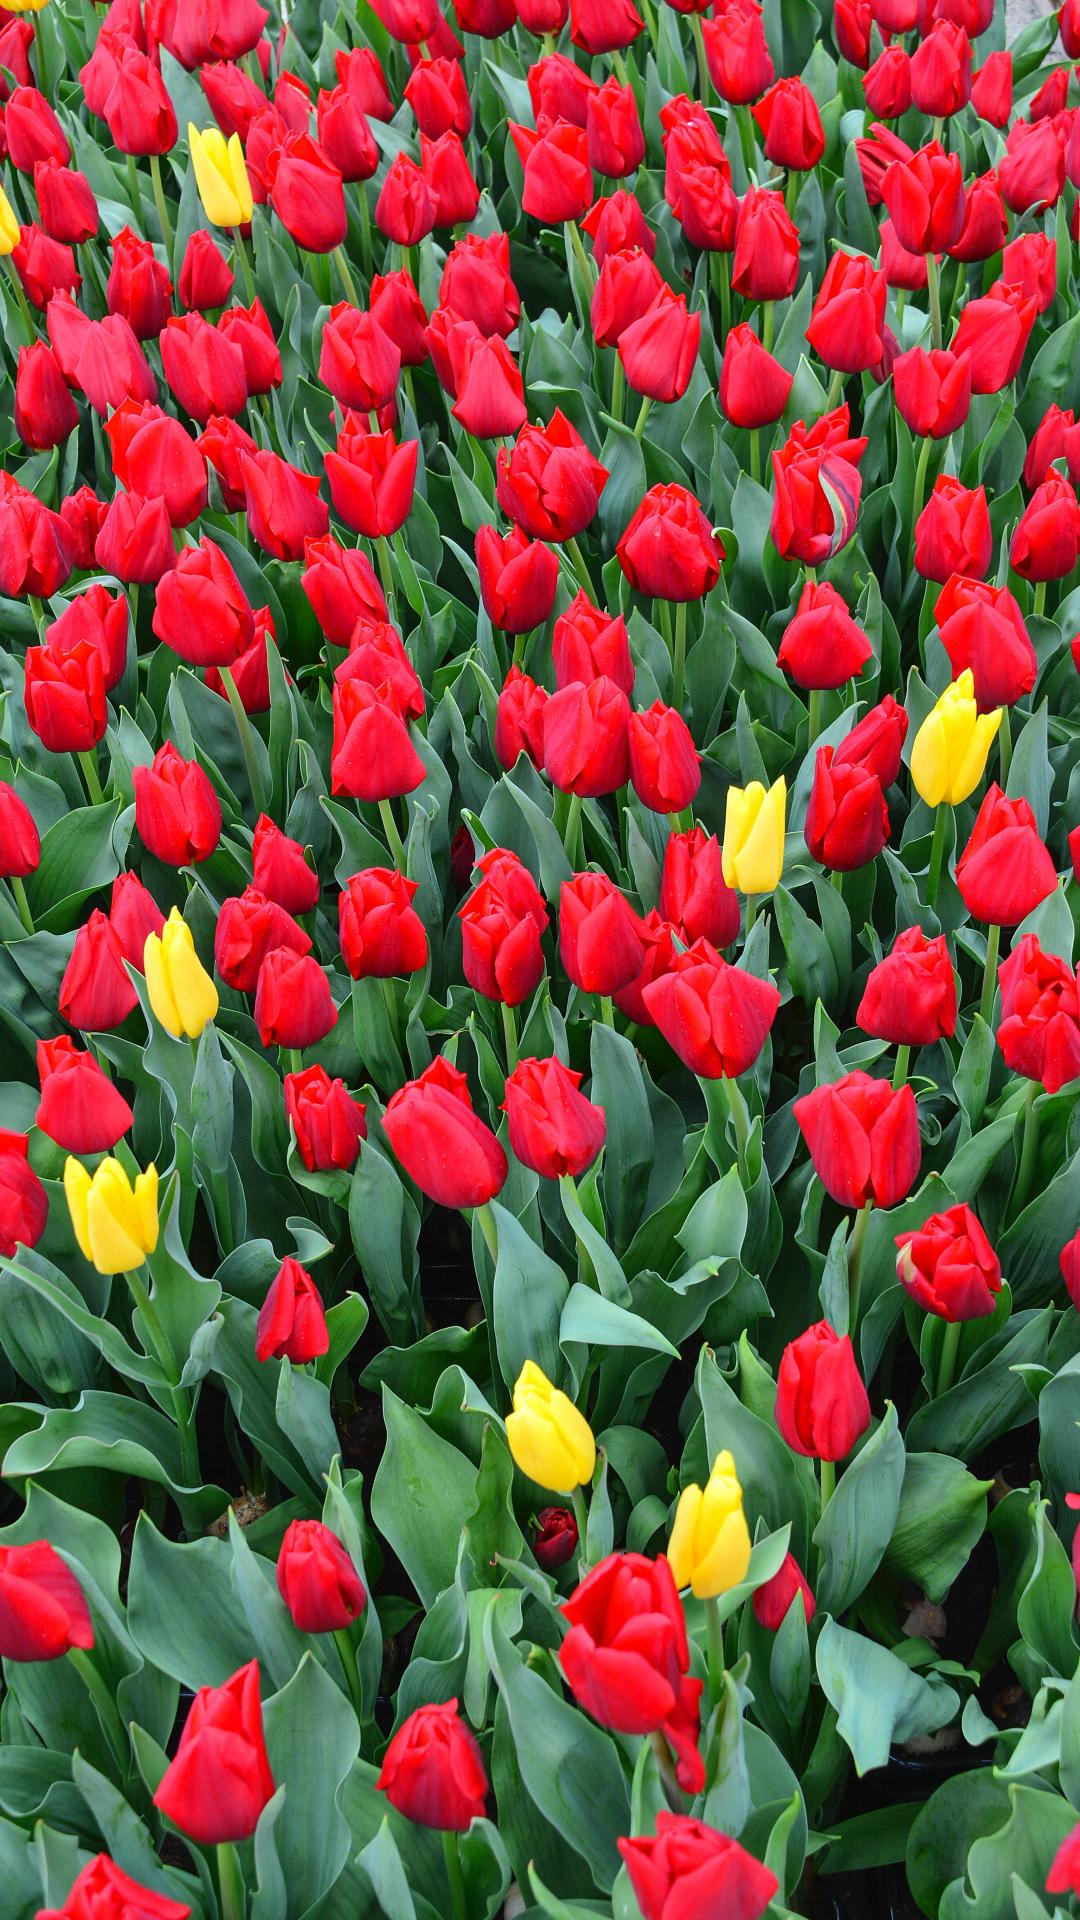 Tulips iPhone Wallpaper